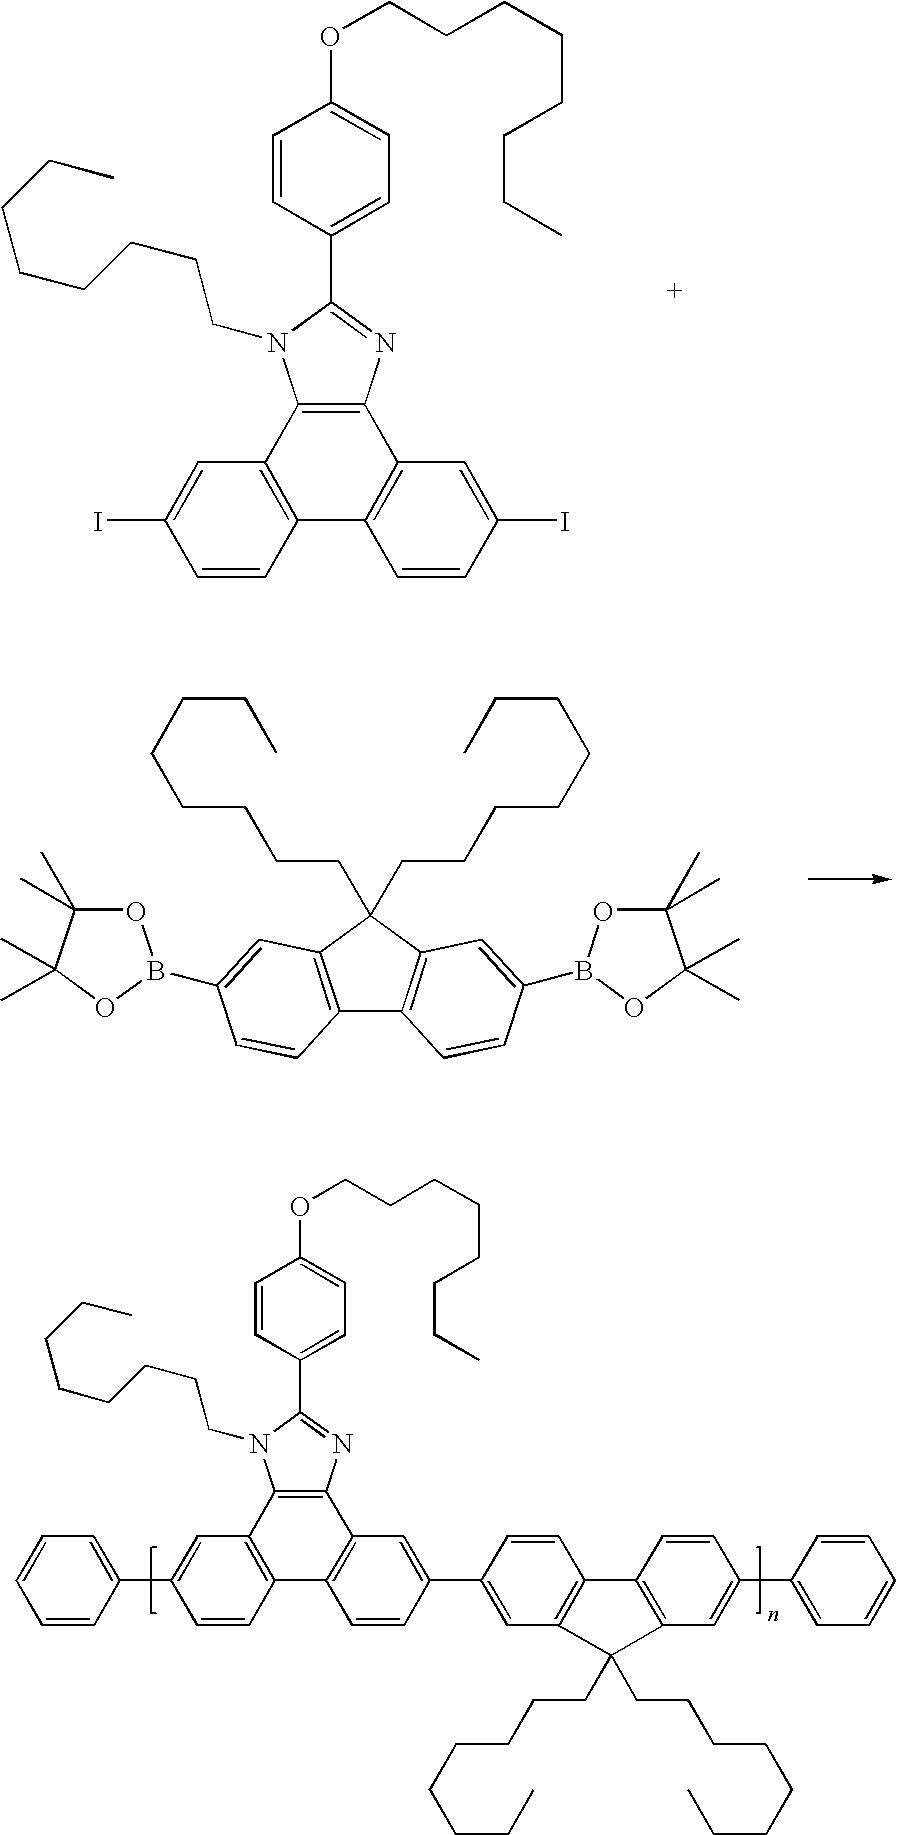 Figure US20090105447A1-20090423-C00224